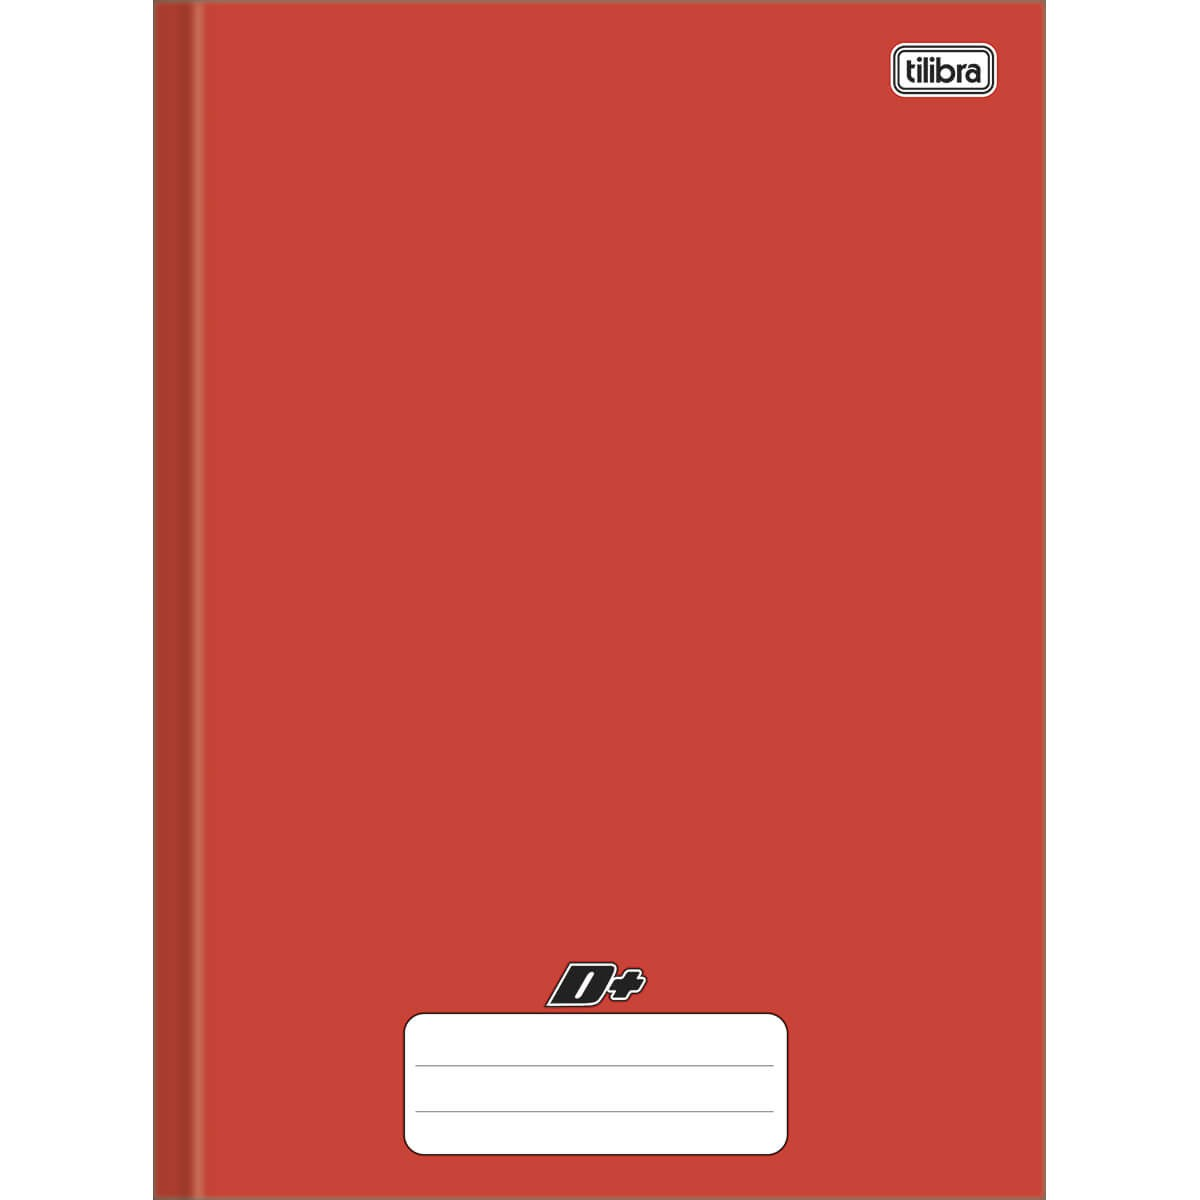 Caderno brochura 1/4 48 fls vermelho D+ Tilibra